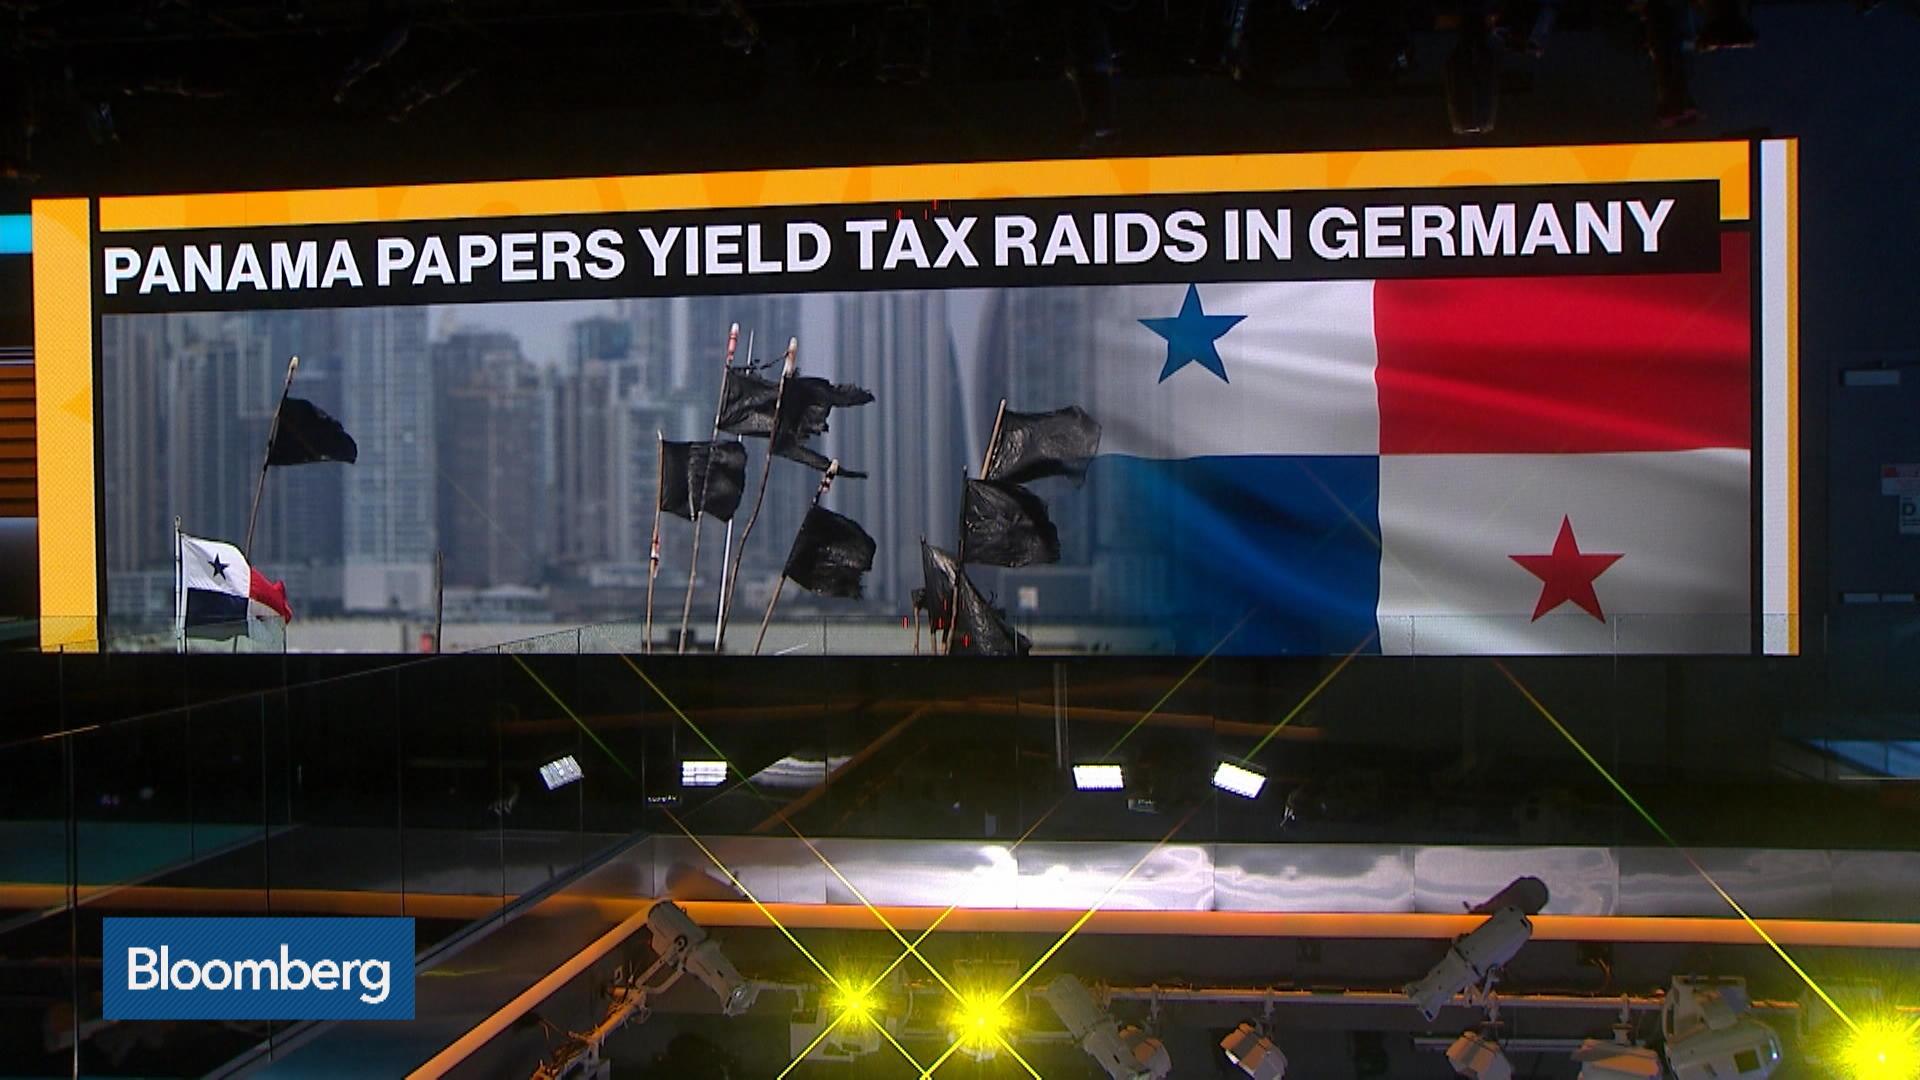 Deutsche Bank Panama Papers Case Prompts German Tax Raids